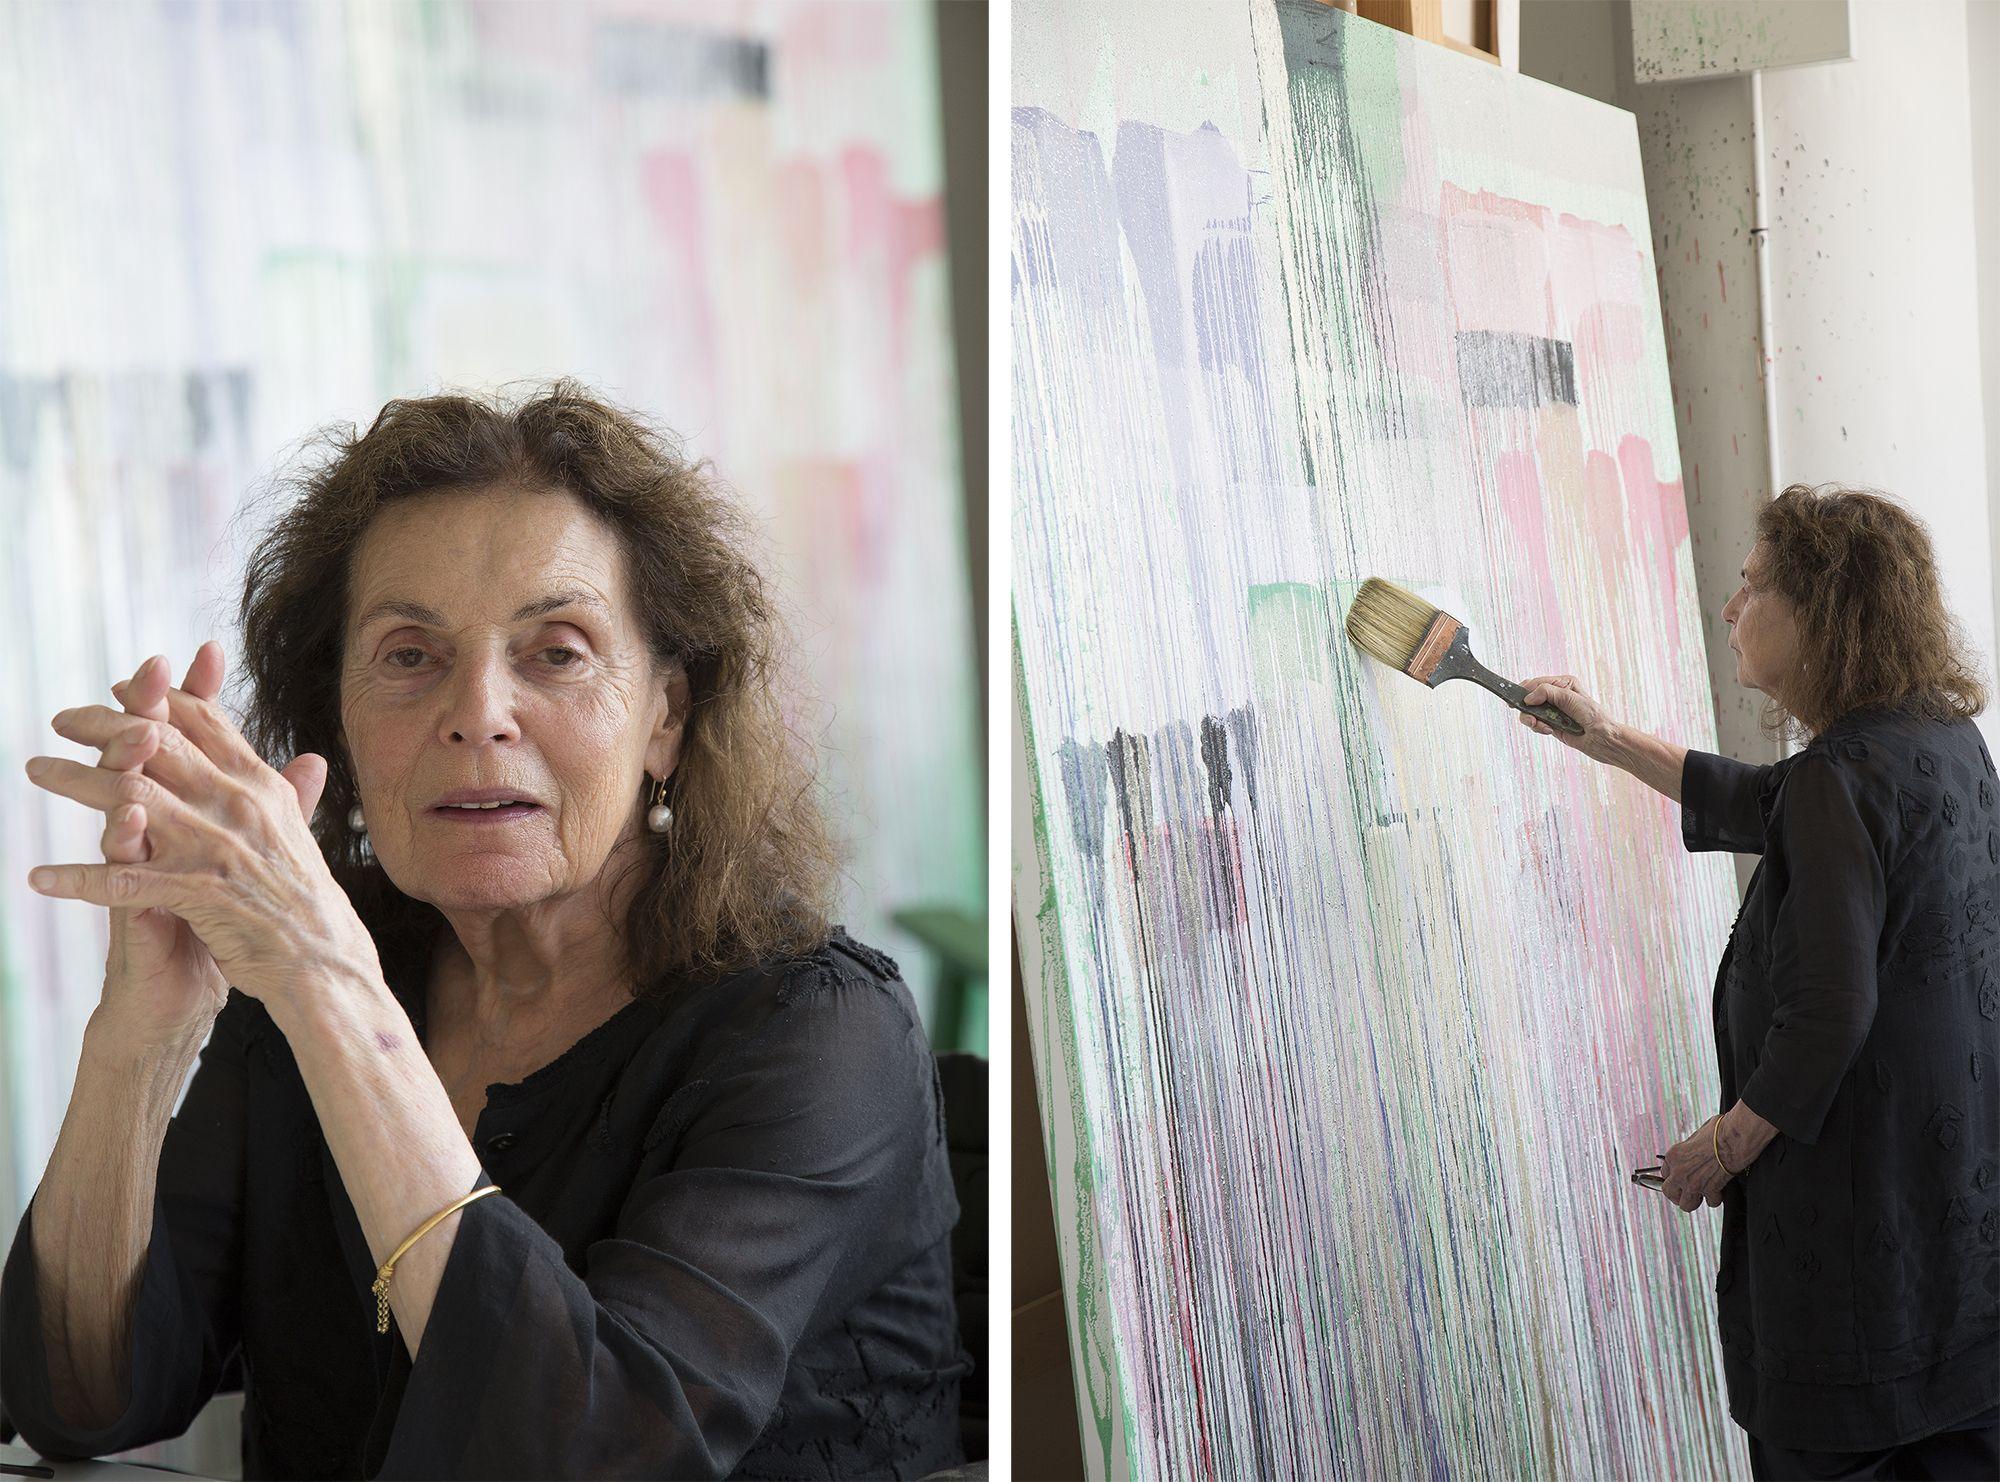 美國抽象畫大師Pat Steir亞洲首展即刻登場!台北當代藝博呈現全新系列新作《台北》